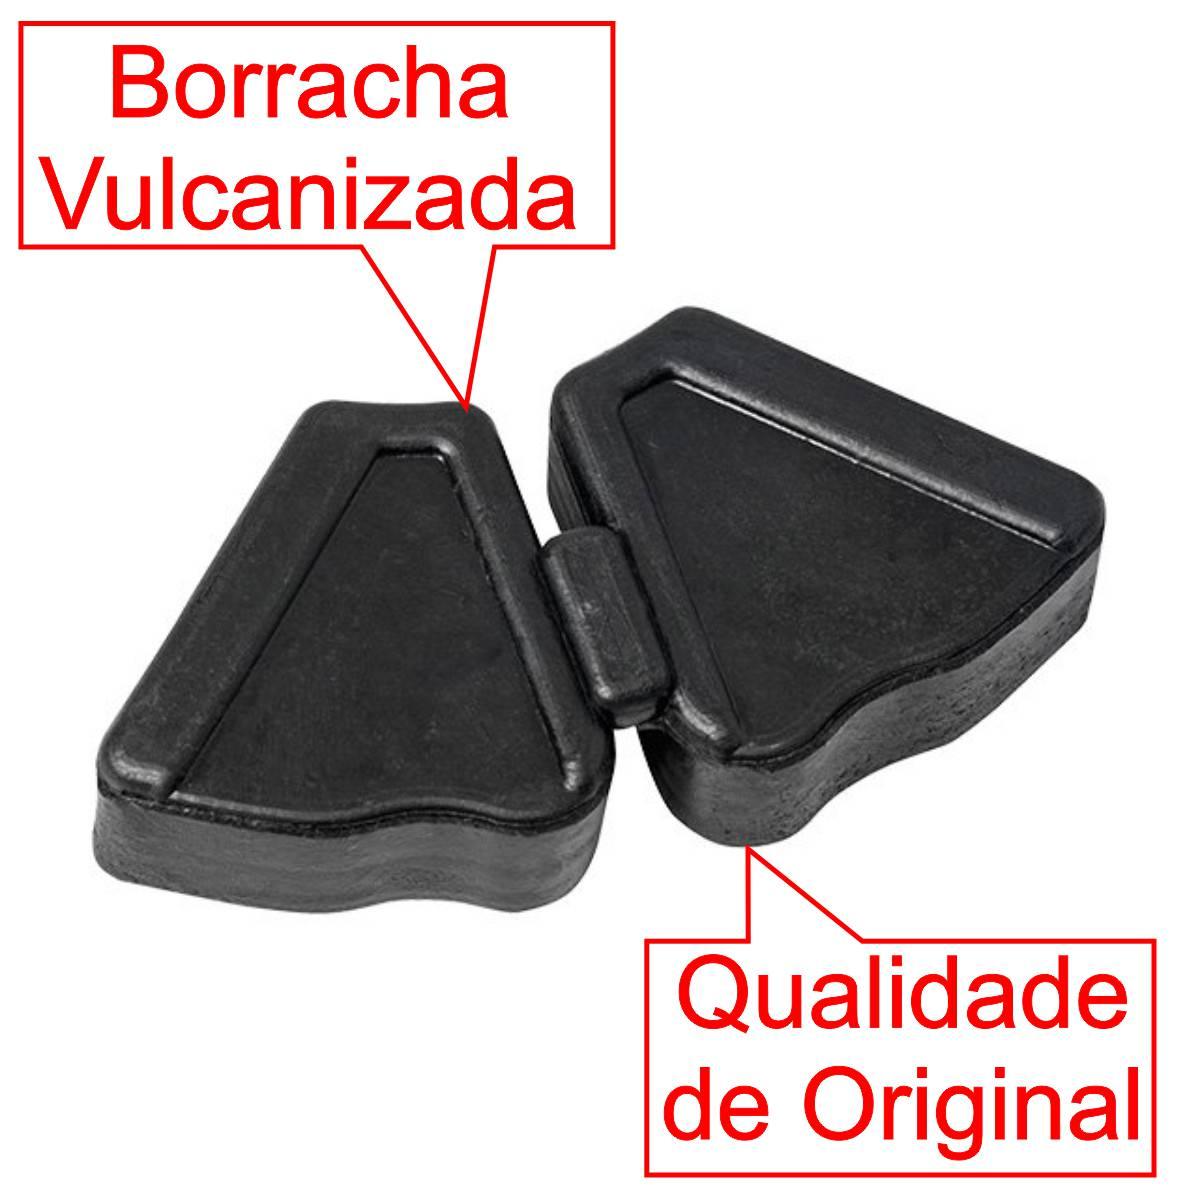 COXIM BRANDY CUBO TRASEIRO BORRACHA RODA MOTO HONDA C 100 BIZ JOGO COM 4 PEÇAS